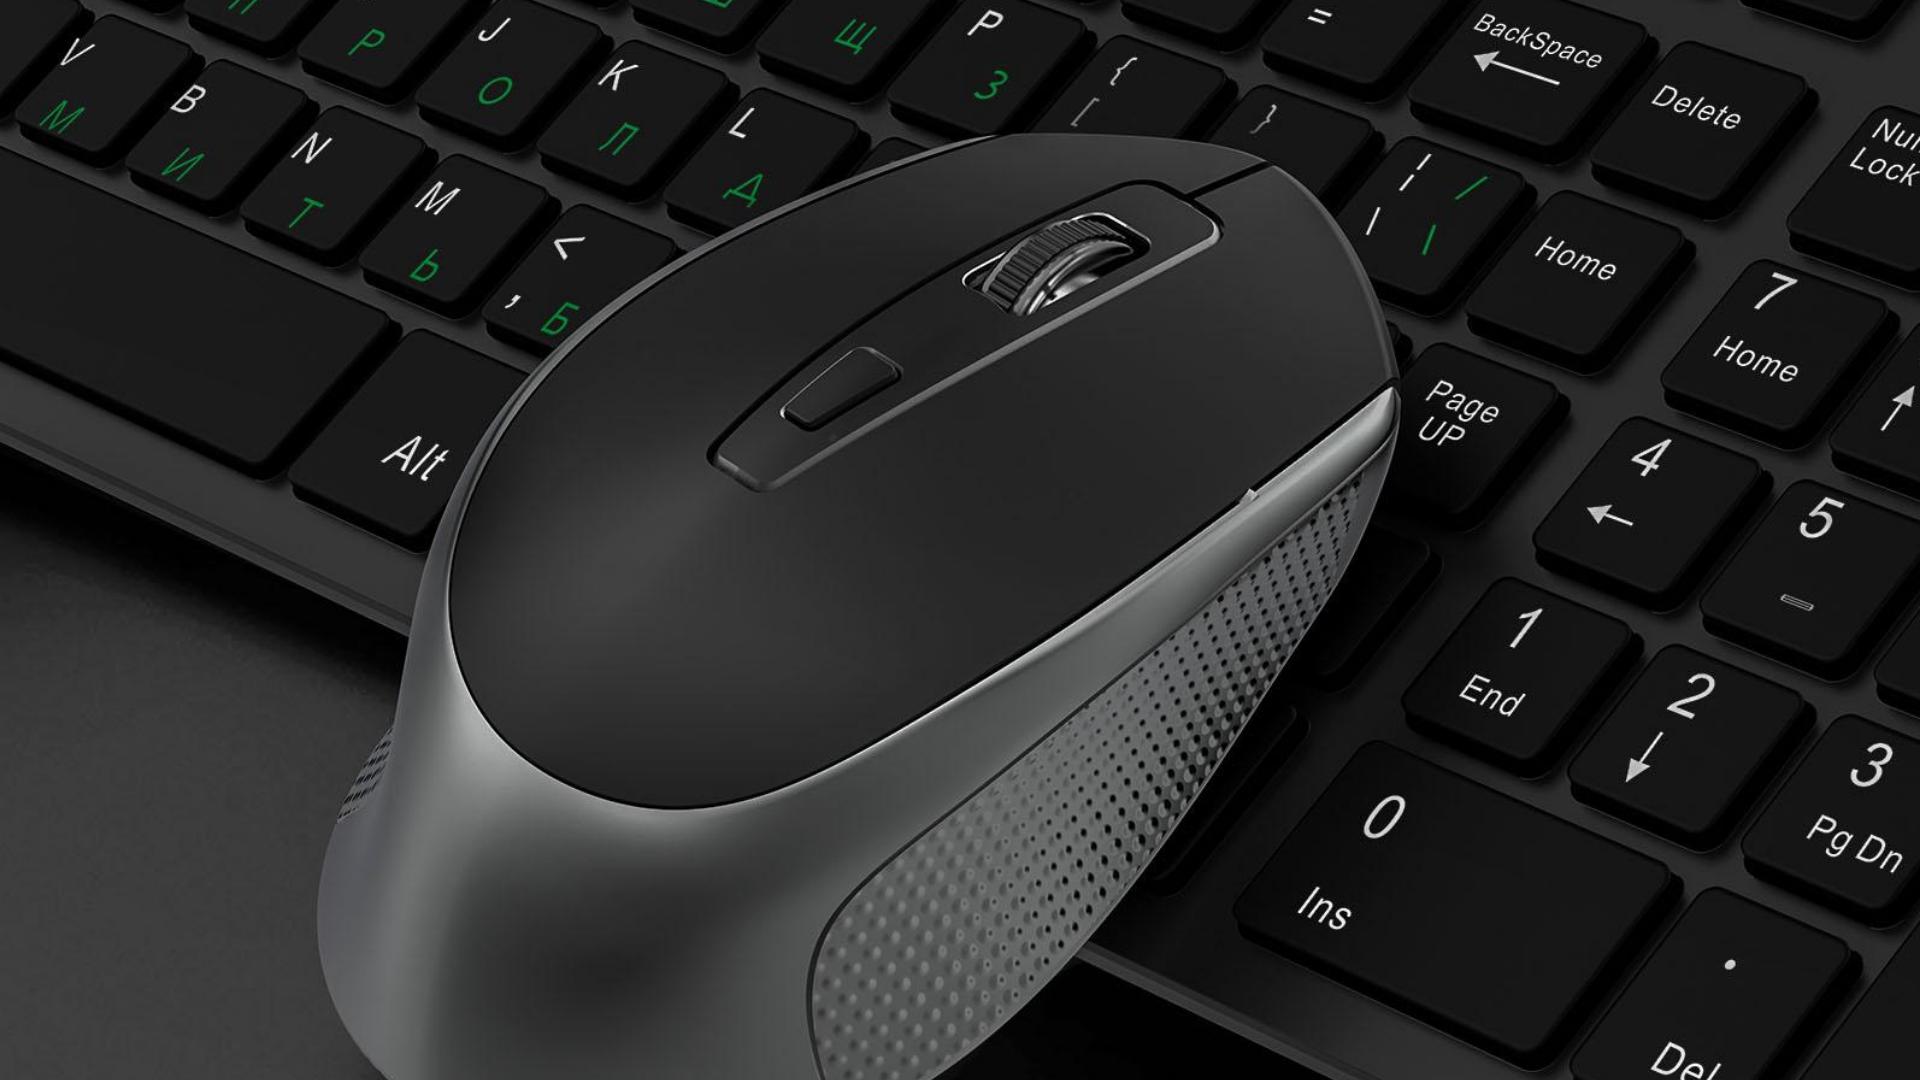 Bilgisayar Açılınca Klavye ve Fare Çalışmıyor